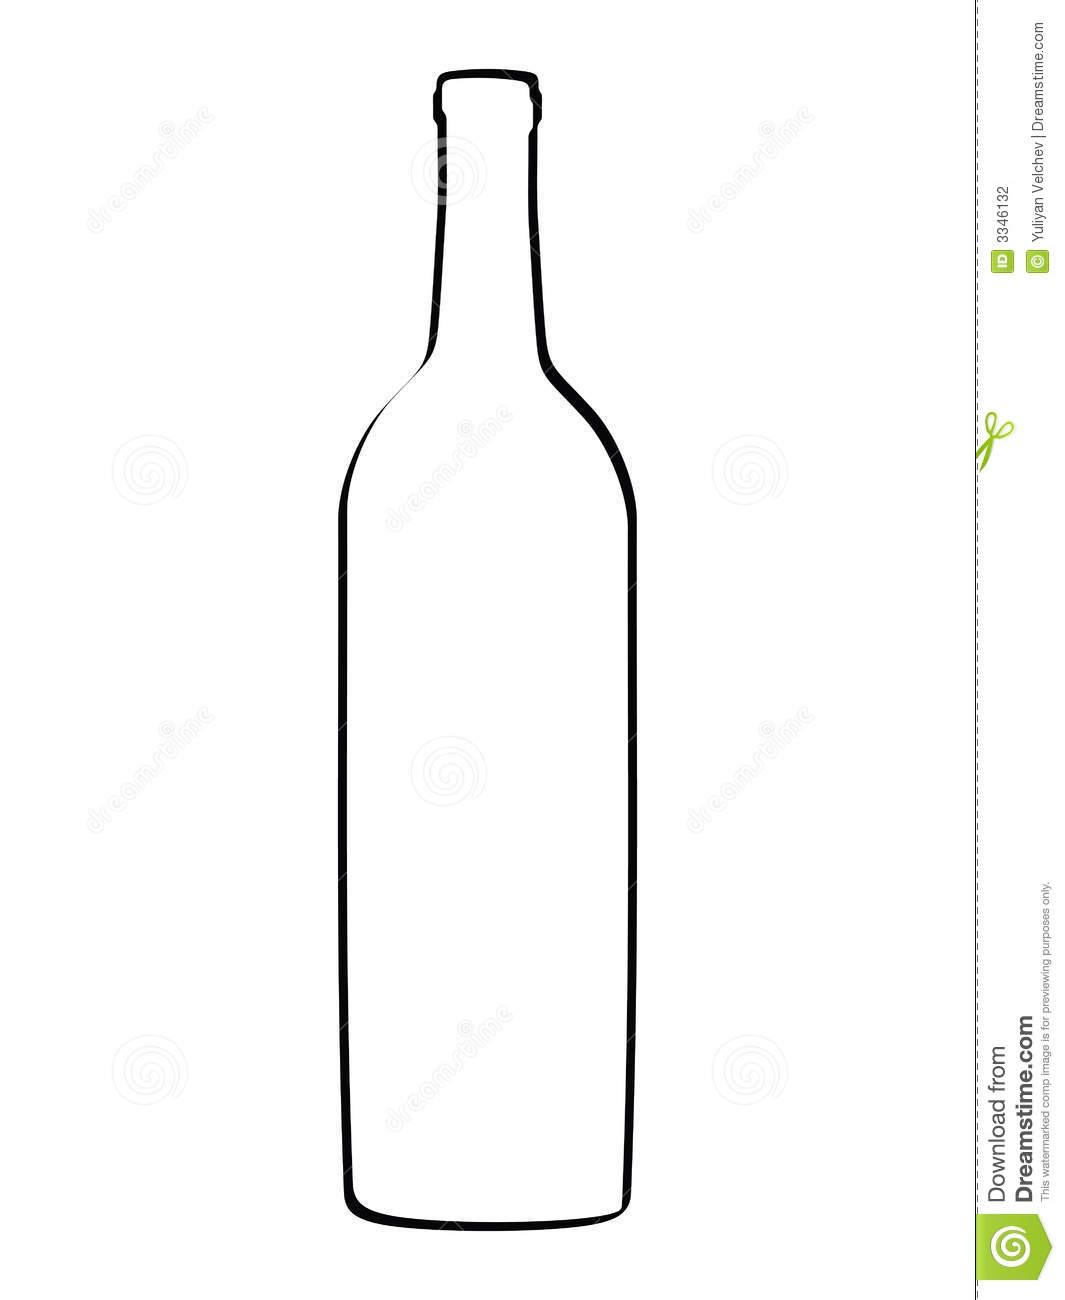 Wine Bottle Outline Clipart-Wine Bottle Outline Clipart-12